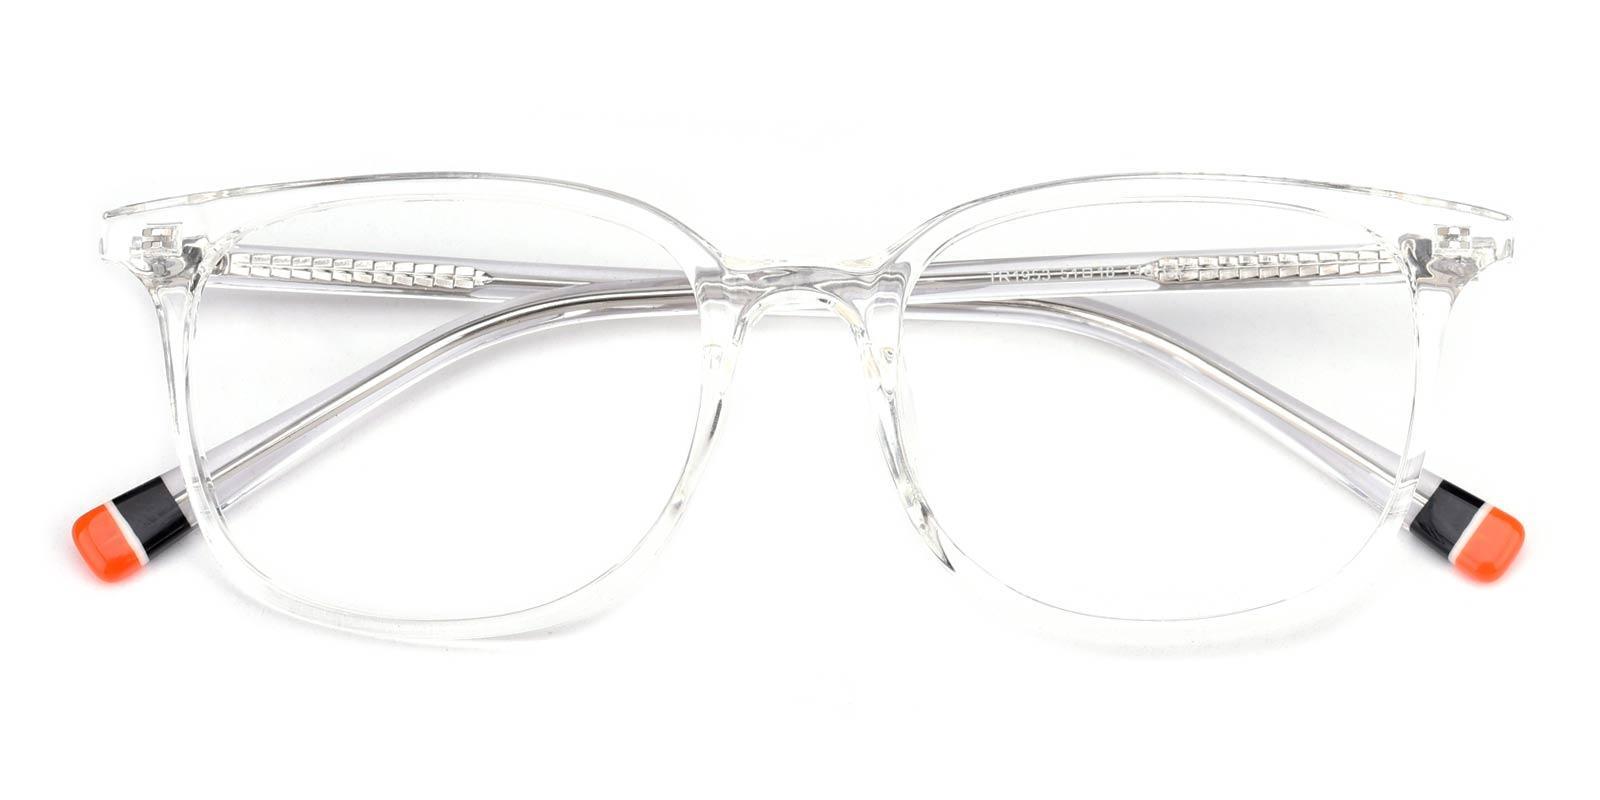 Corson-Translucent-Rectangle-TR-Eyeglasses-detail